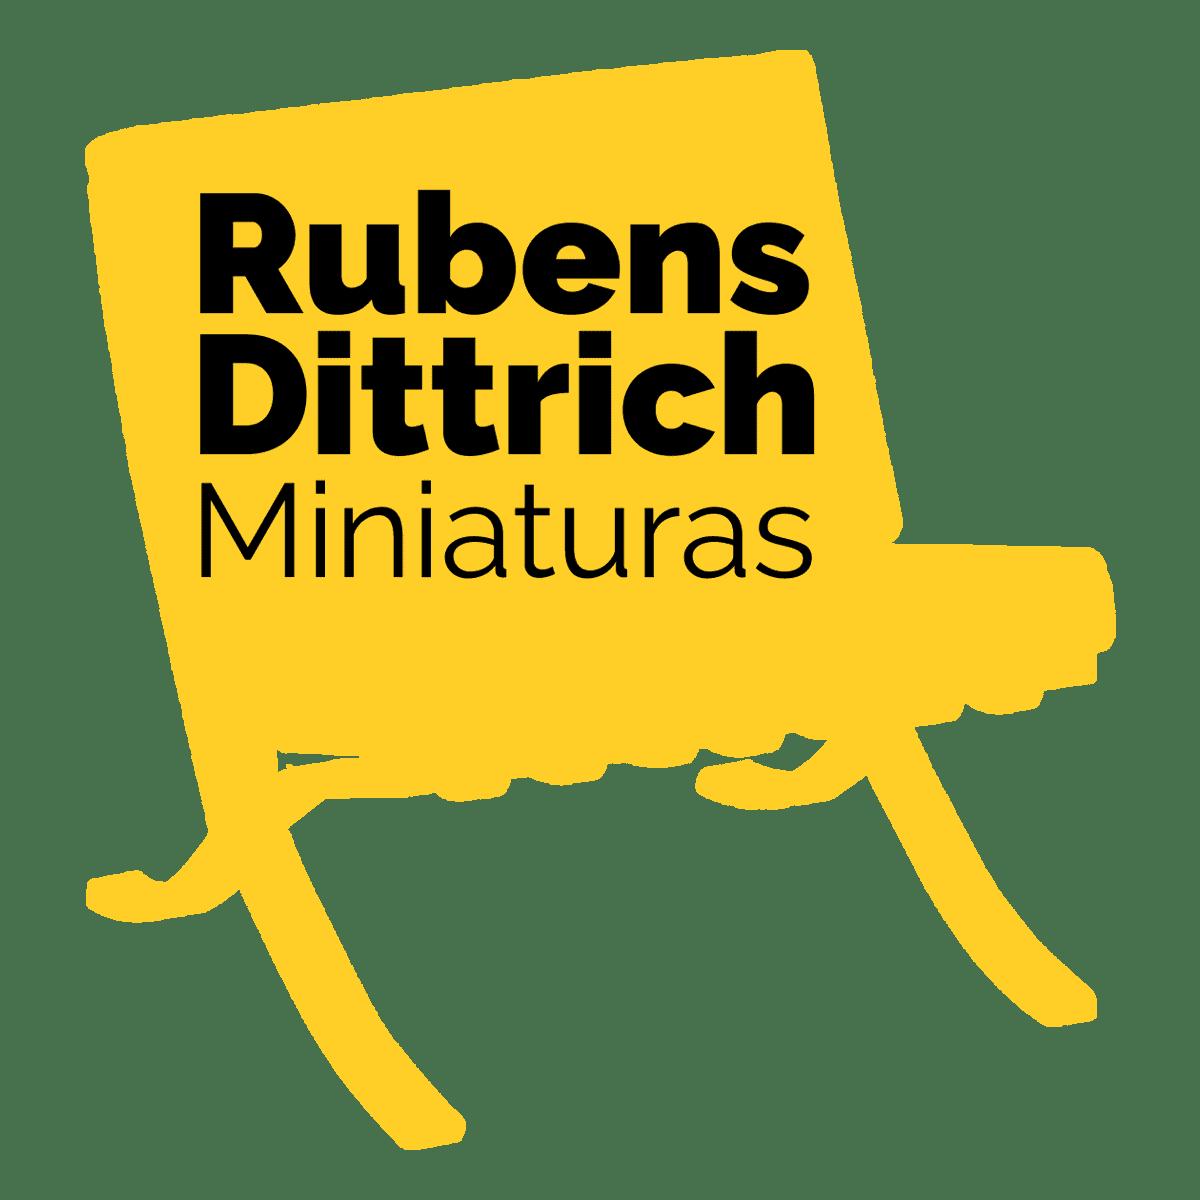 Rubens Dittrich Miniaturas